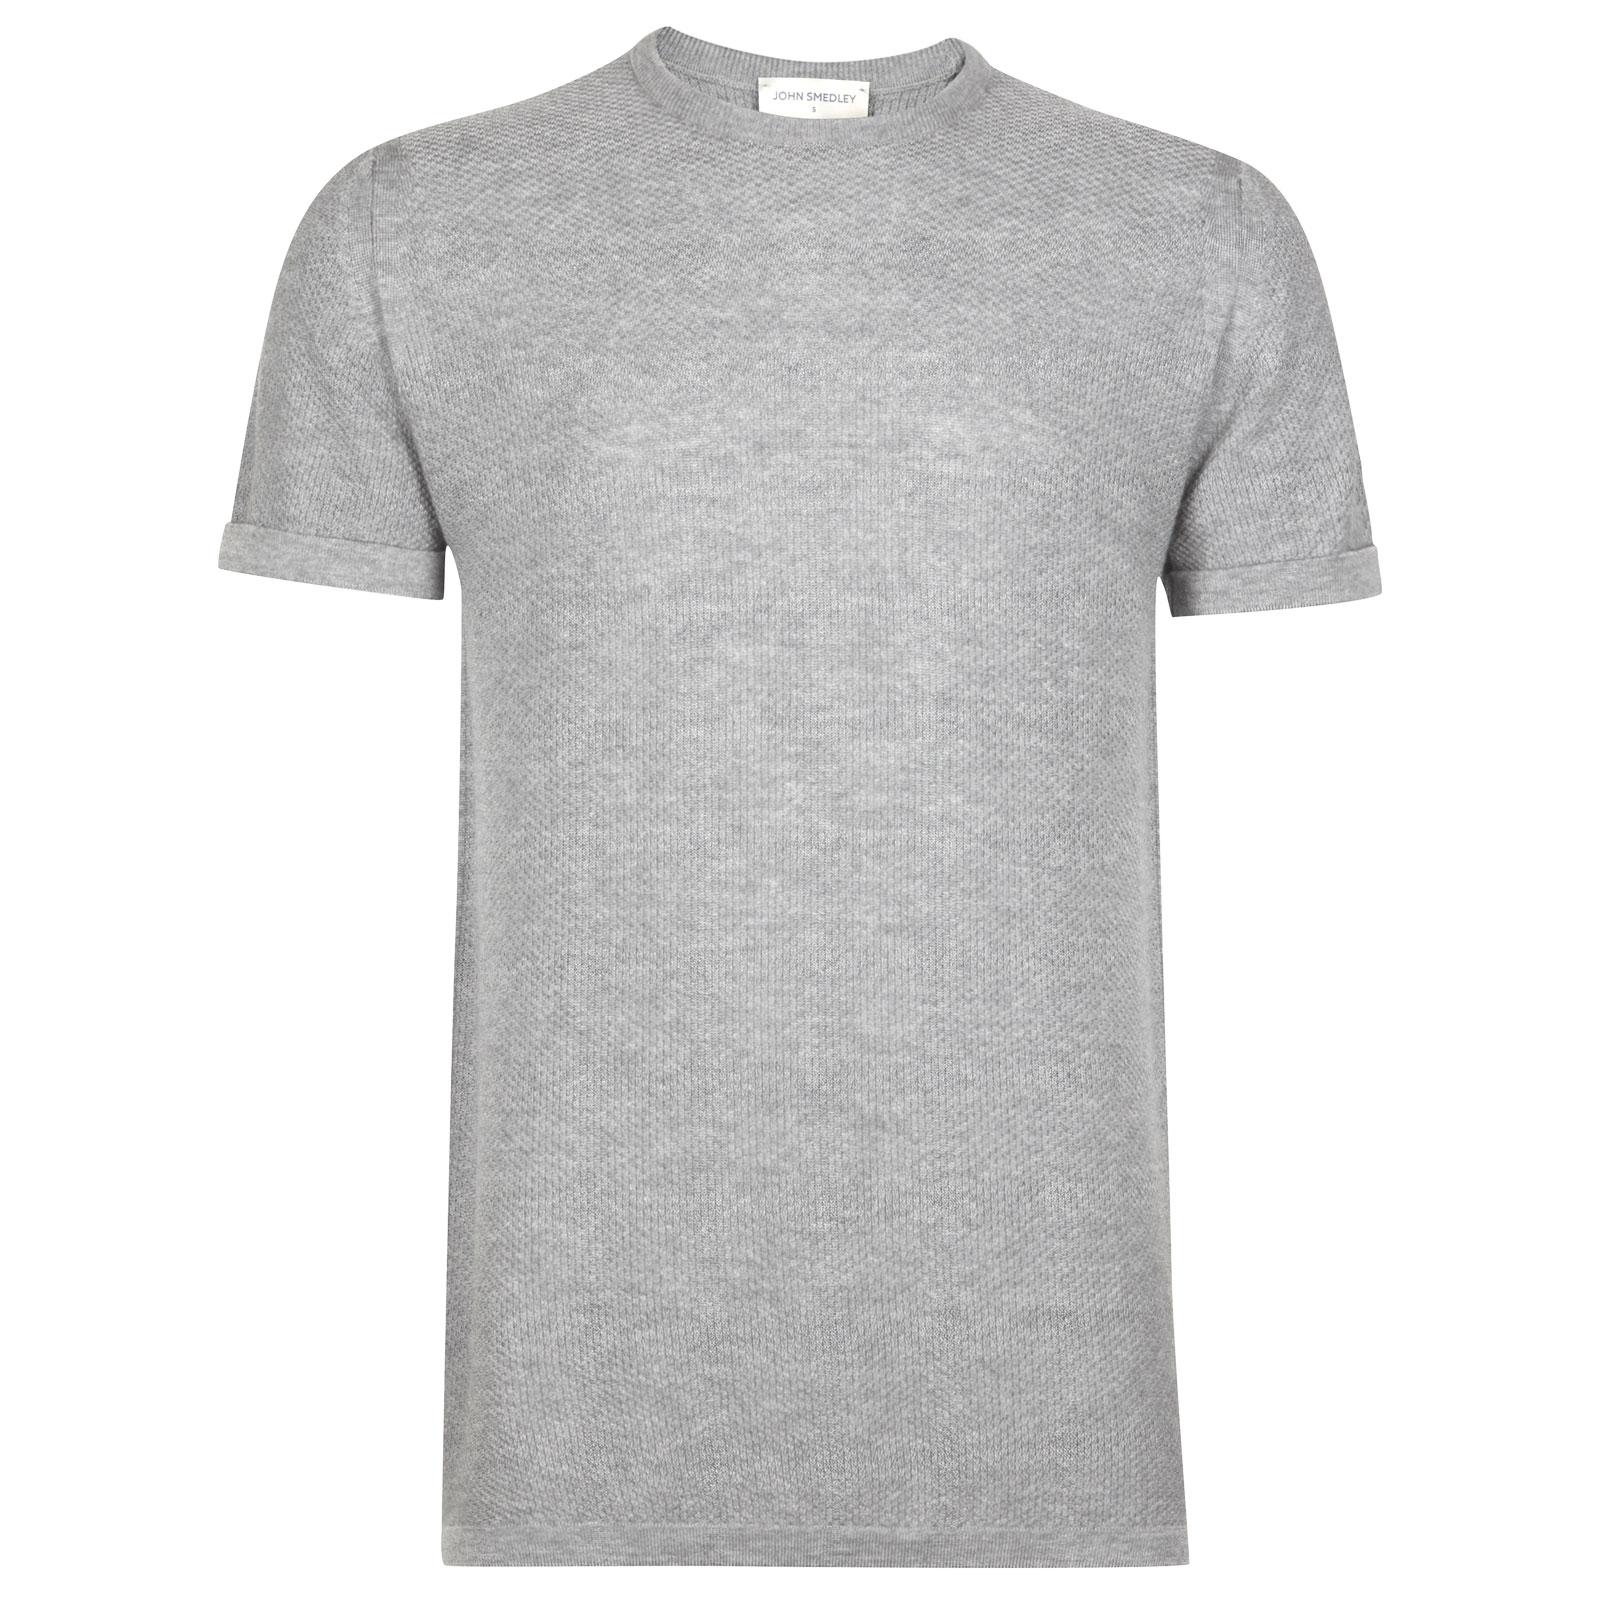 John Smedley 2Singular Merino Wool T-Shirt in Bardot Grey-XS